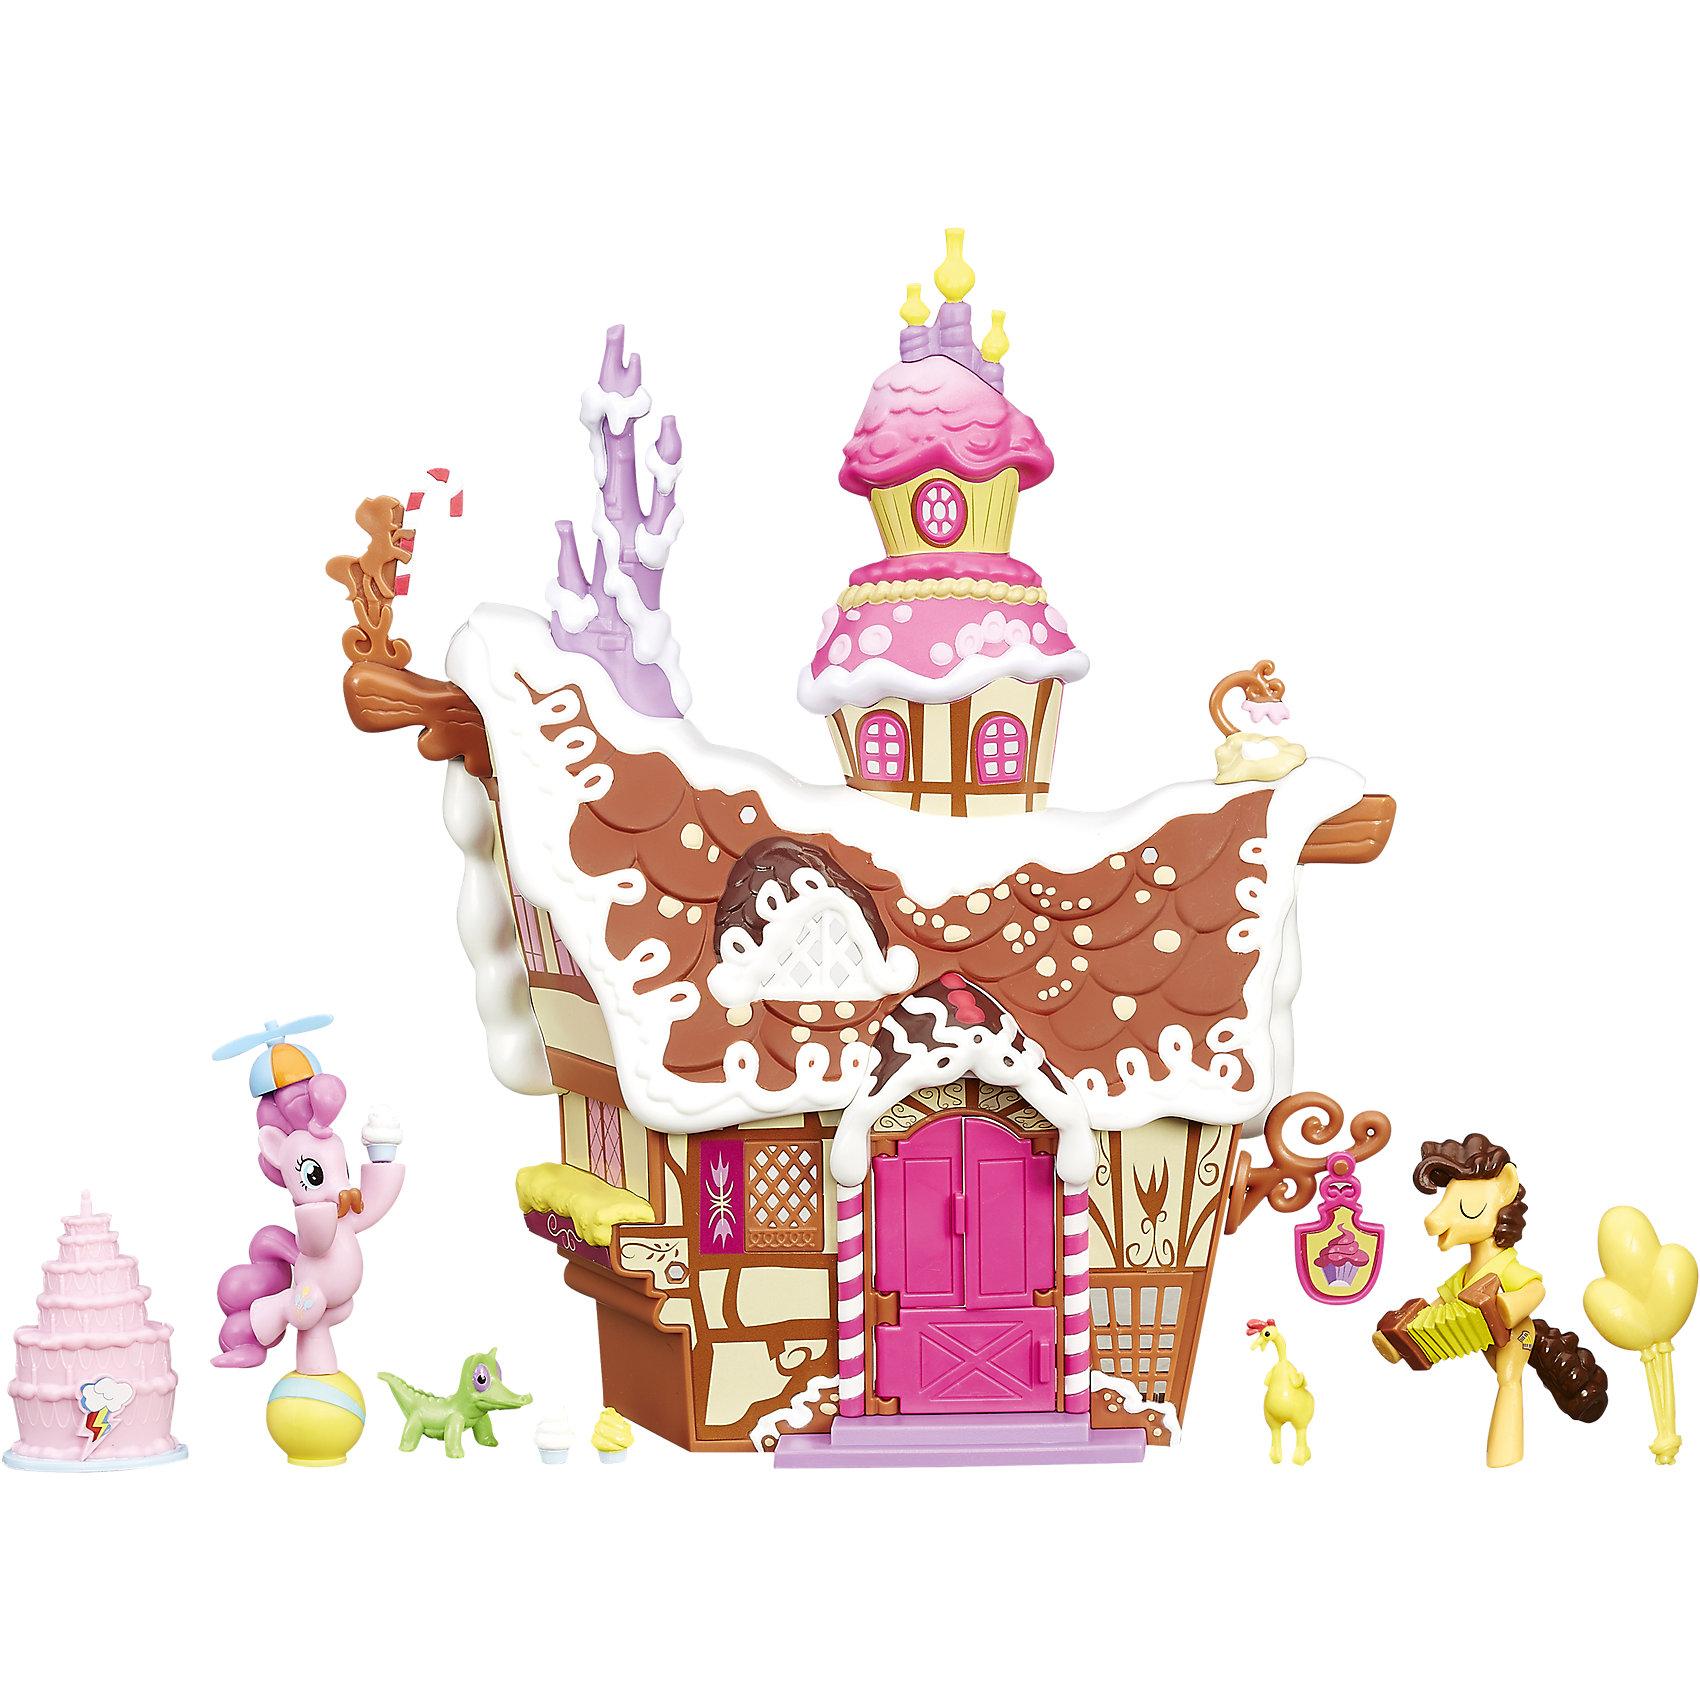 Коллекционный игровой набор пони Сахарный дворец, My little Pony<br><br>Ширина мм: 320<br>Глубина мм: 253<br>Высота мм: 84<br>Вес г: 438<br>Возраст от месяцев: 48<br>Возраст до месяцев: 72<br>Пол: Женский<br>Возраст: Детский<br>SKU: 4351487